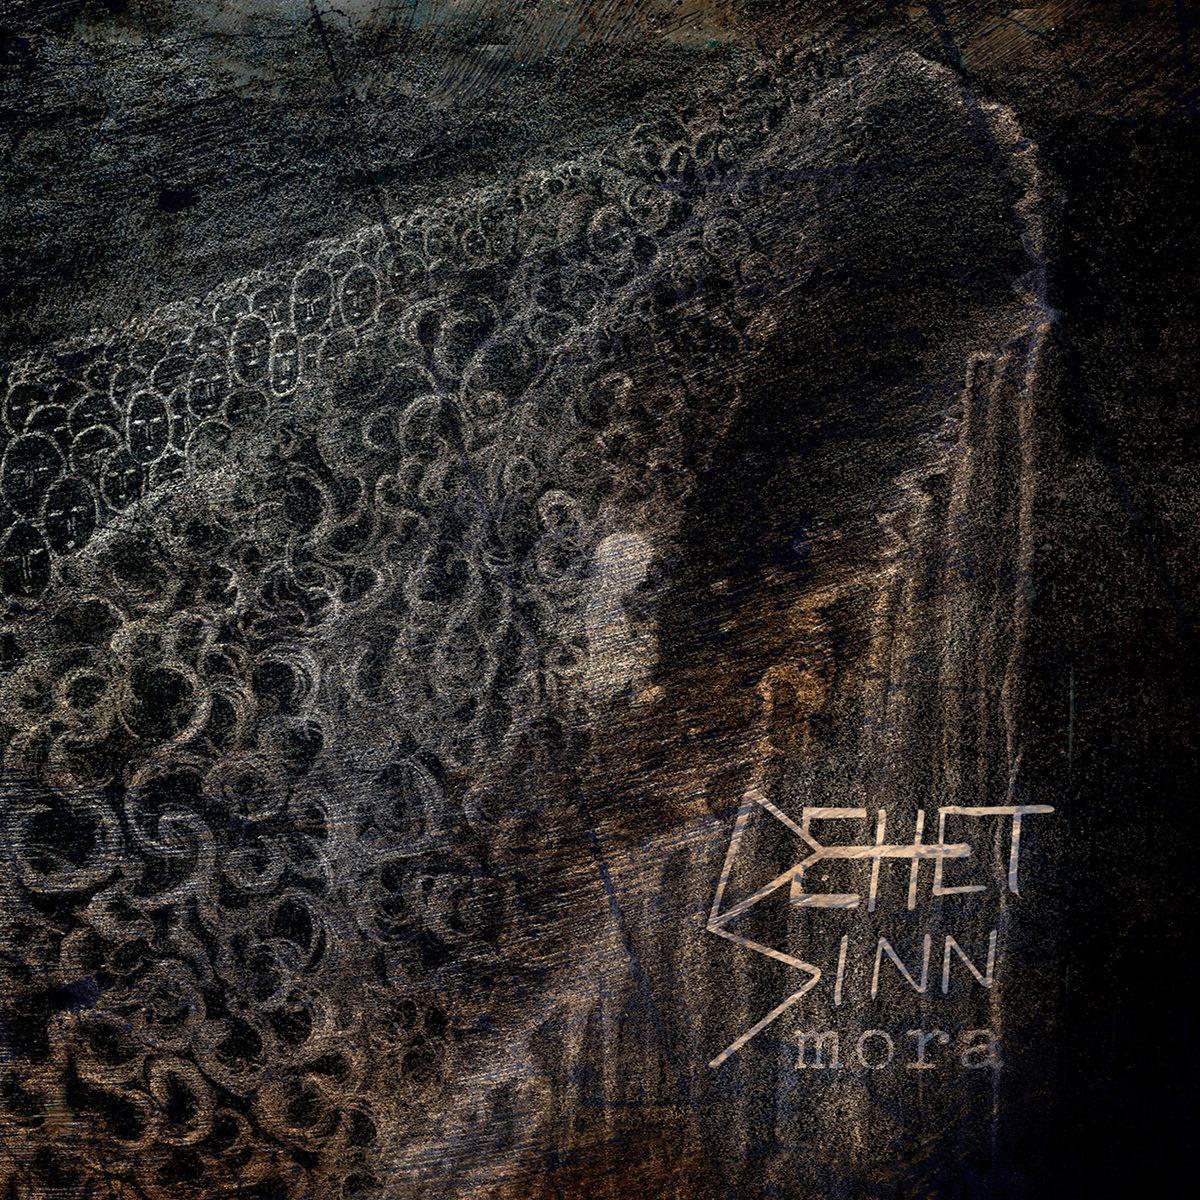 Dehet Sinn - Mora (CD, digital 2019)